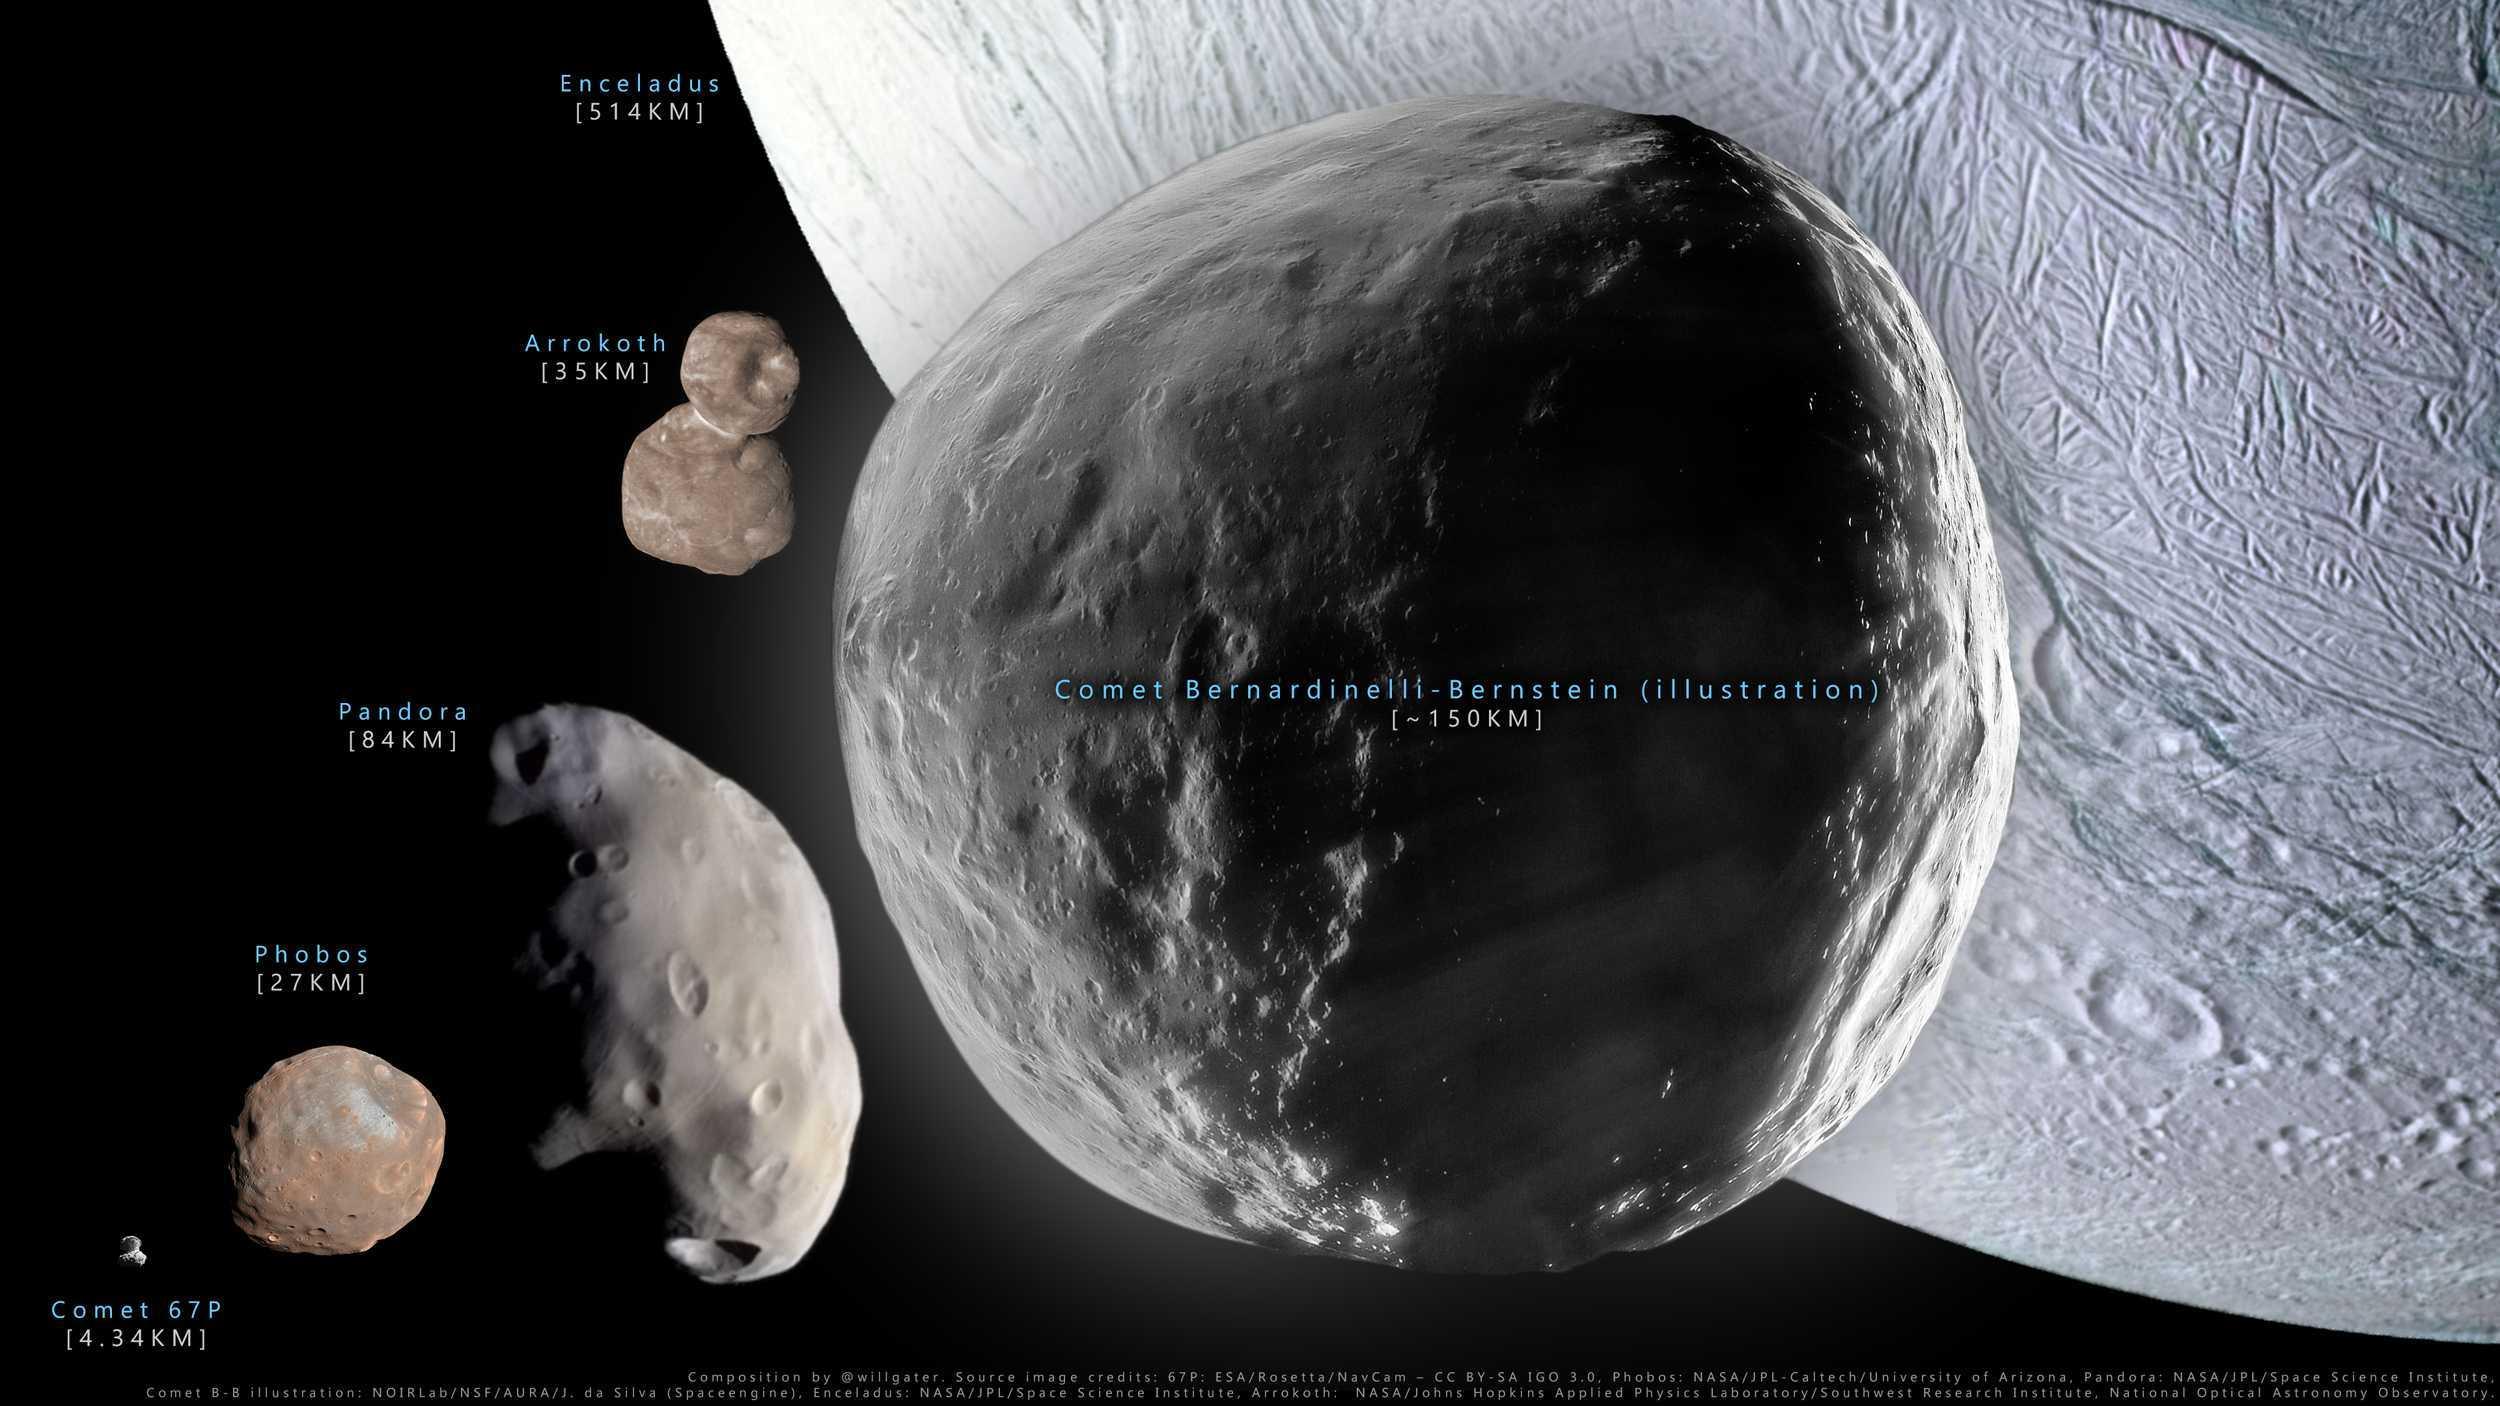 Астрономы подтвердили рекордные размеры кометы C/2014 UN271 из облака Оорта